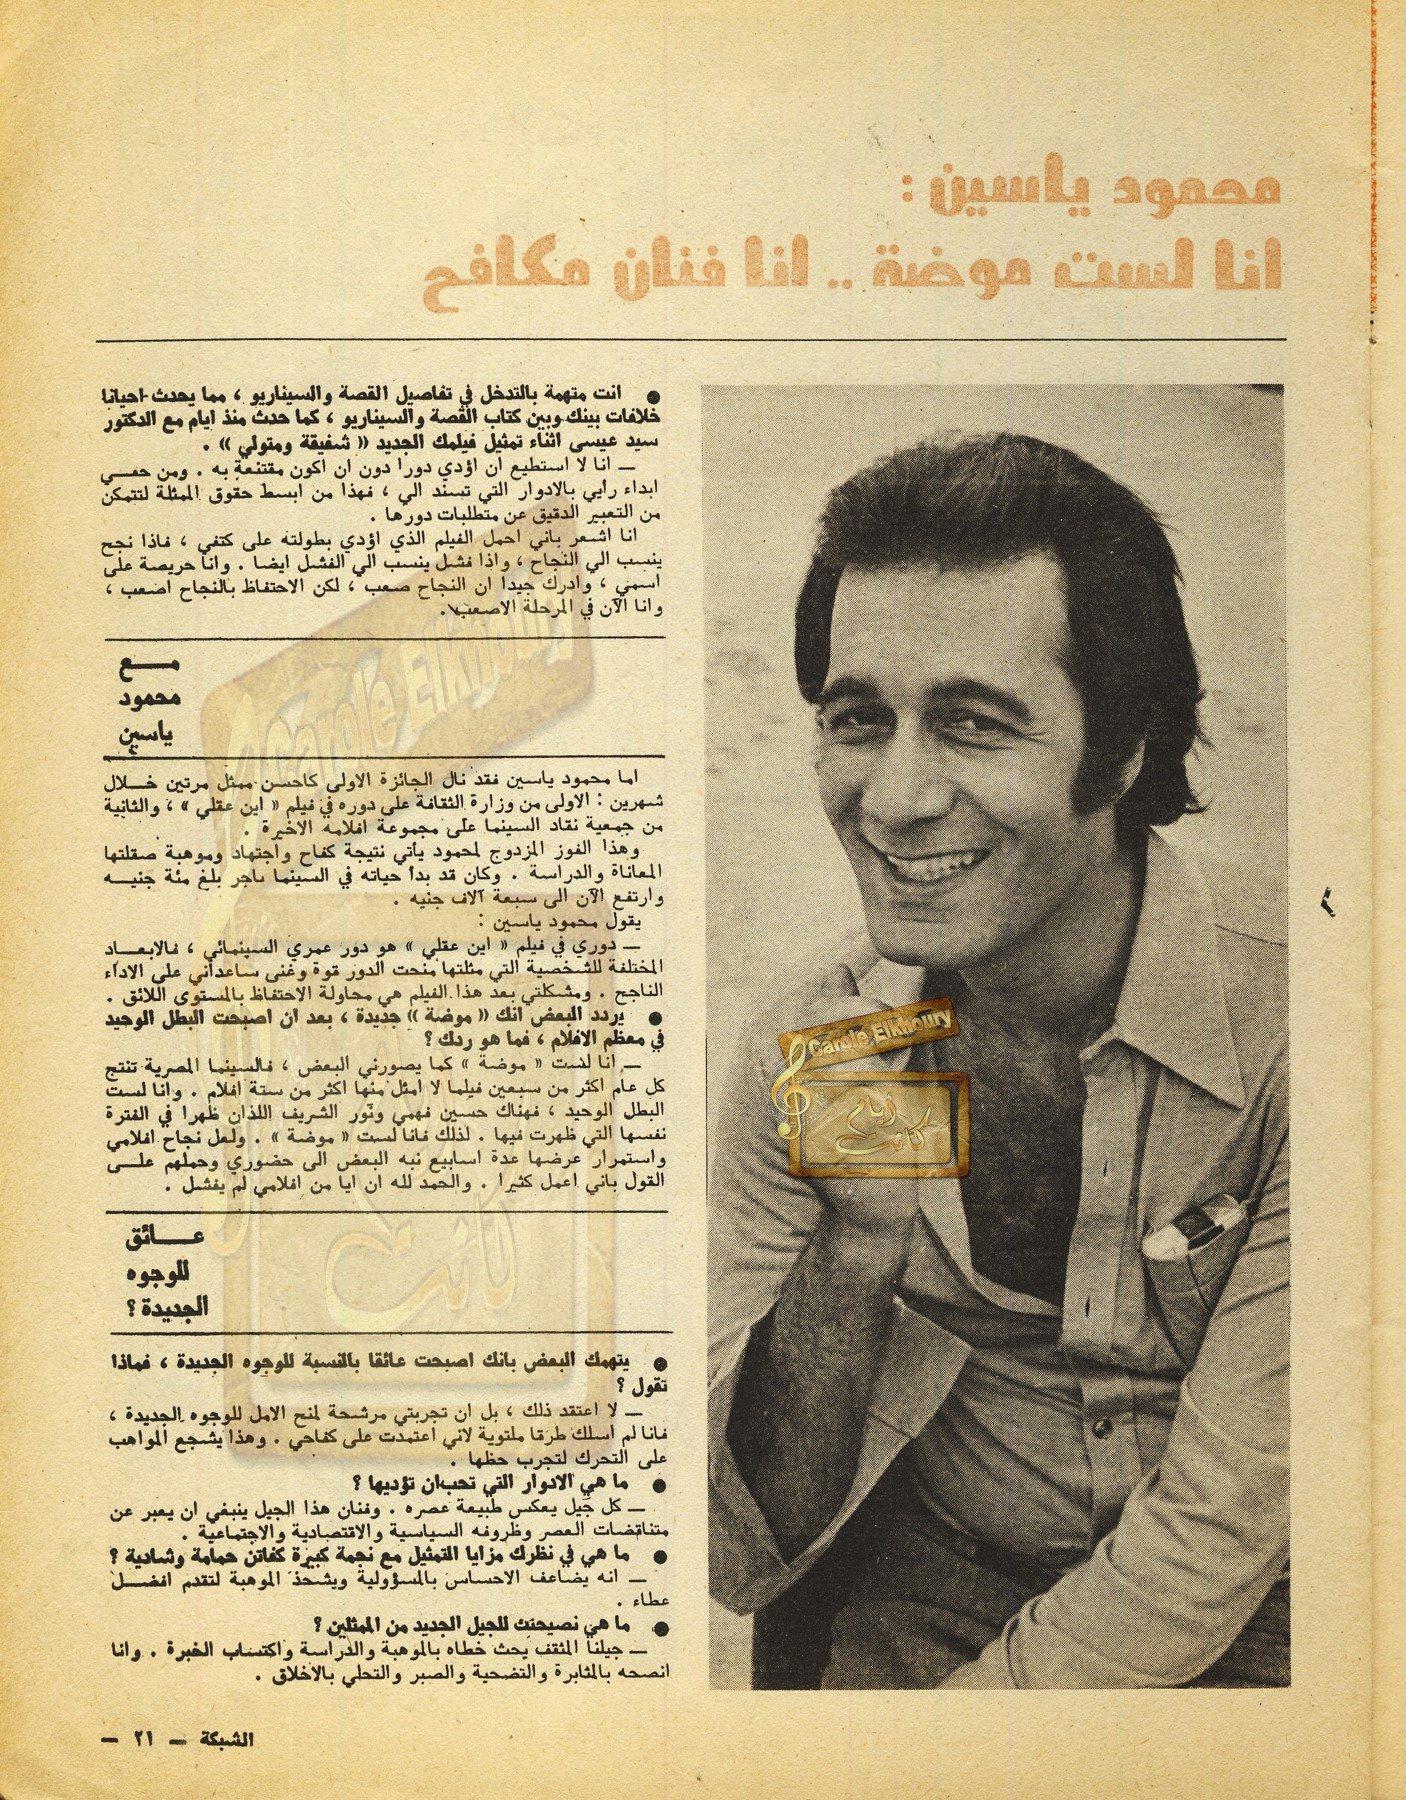 حوار صحفي : سعاد و محمود هرمان في السينما المصرية 1975 م 333